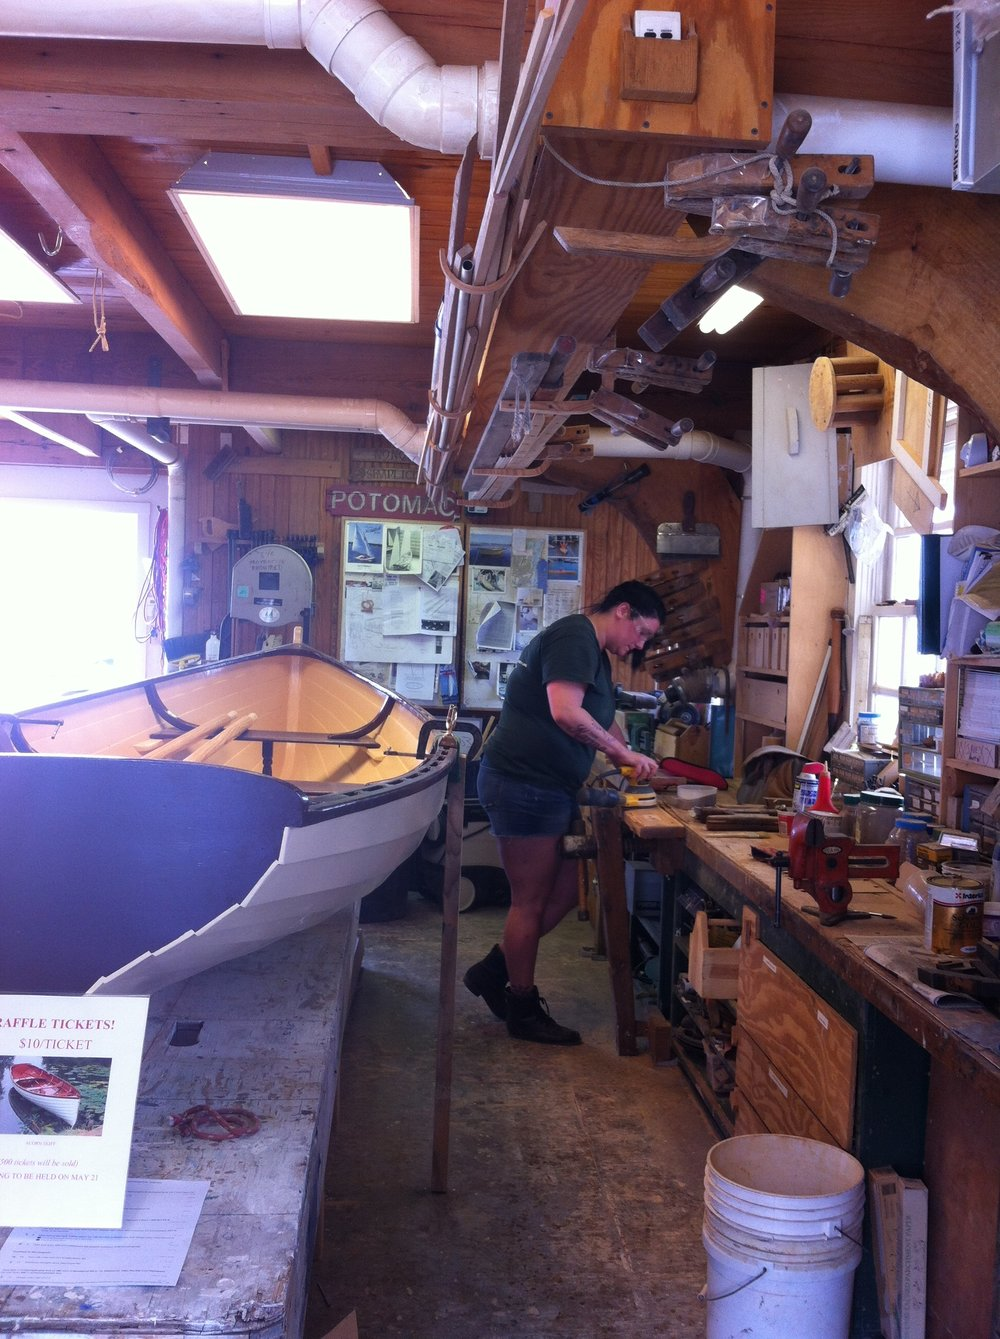 Una voluntaria trabaja en la confección a mano de un bote de remos al estilo tradicional Whitehall; que sería rifado para recaudar fondos para la fundación Alexandria Seaport. Foto: Bruny Nieves